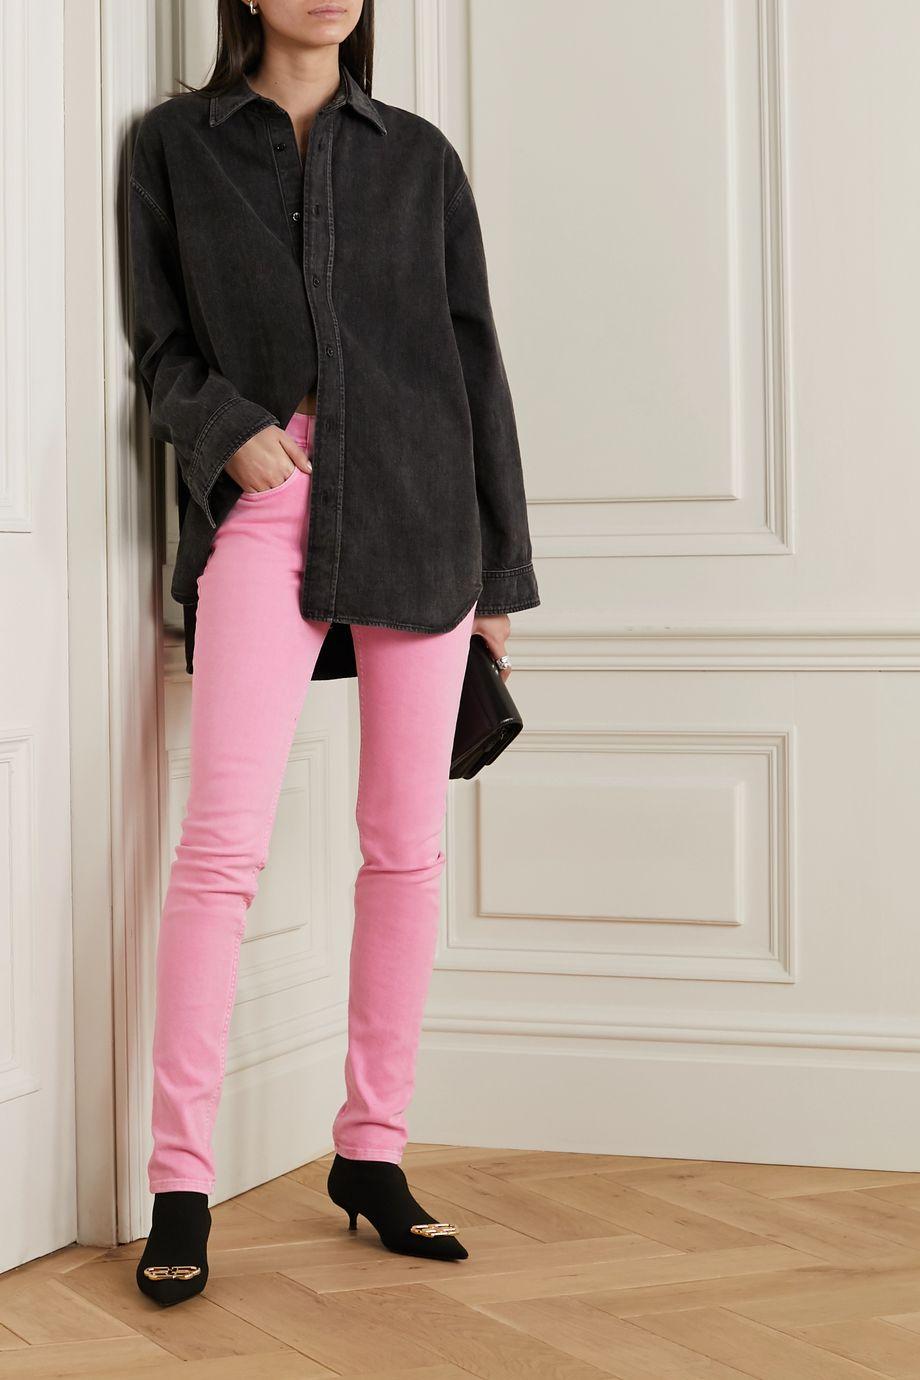 Balenciaga Halbhohe Skinny Jeans in Acid-Waschung